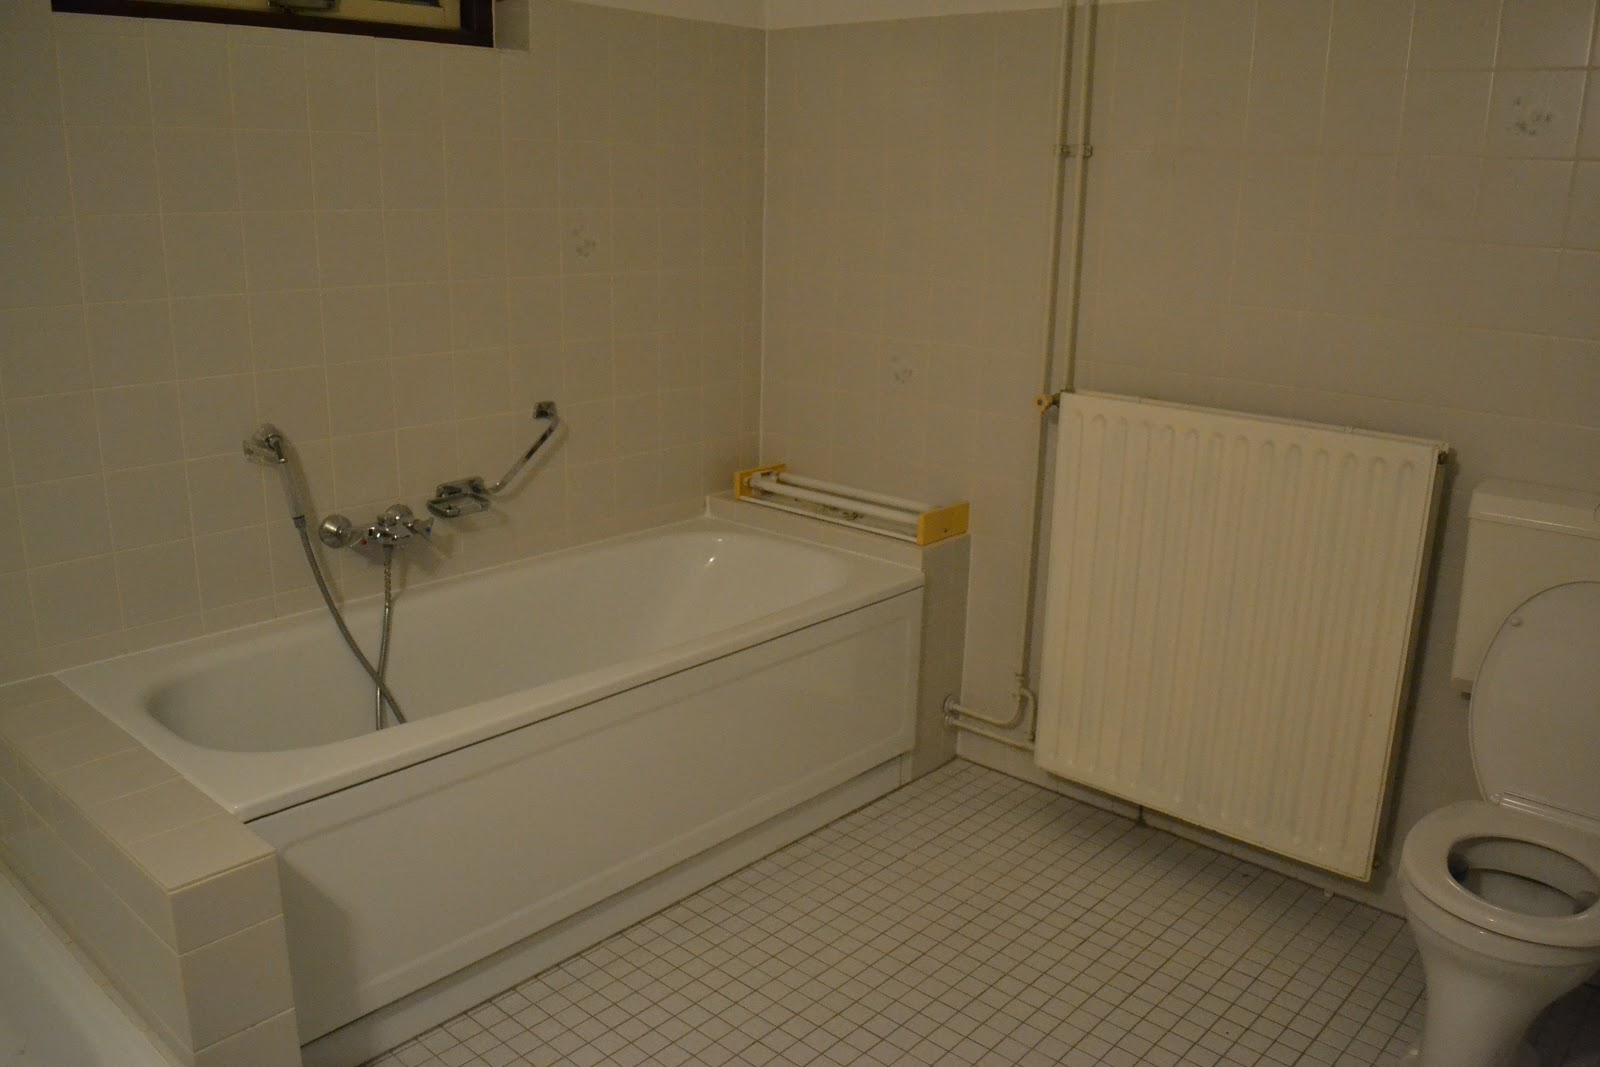 Muurverf Badkamer Kleur : Verven wc tegels: badkamer: wc tegel wc tegelen wc tegels schilderen